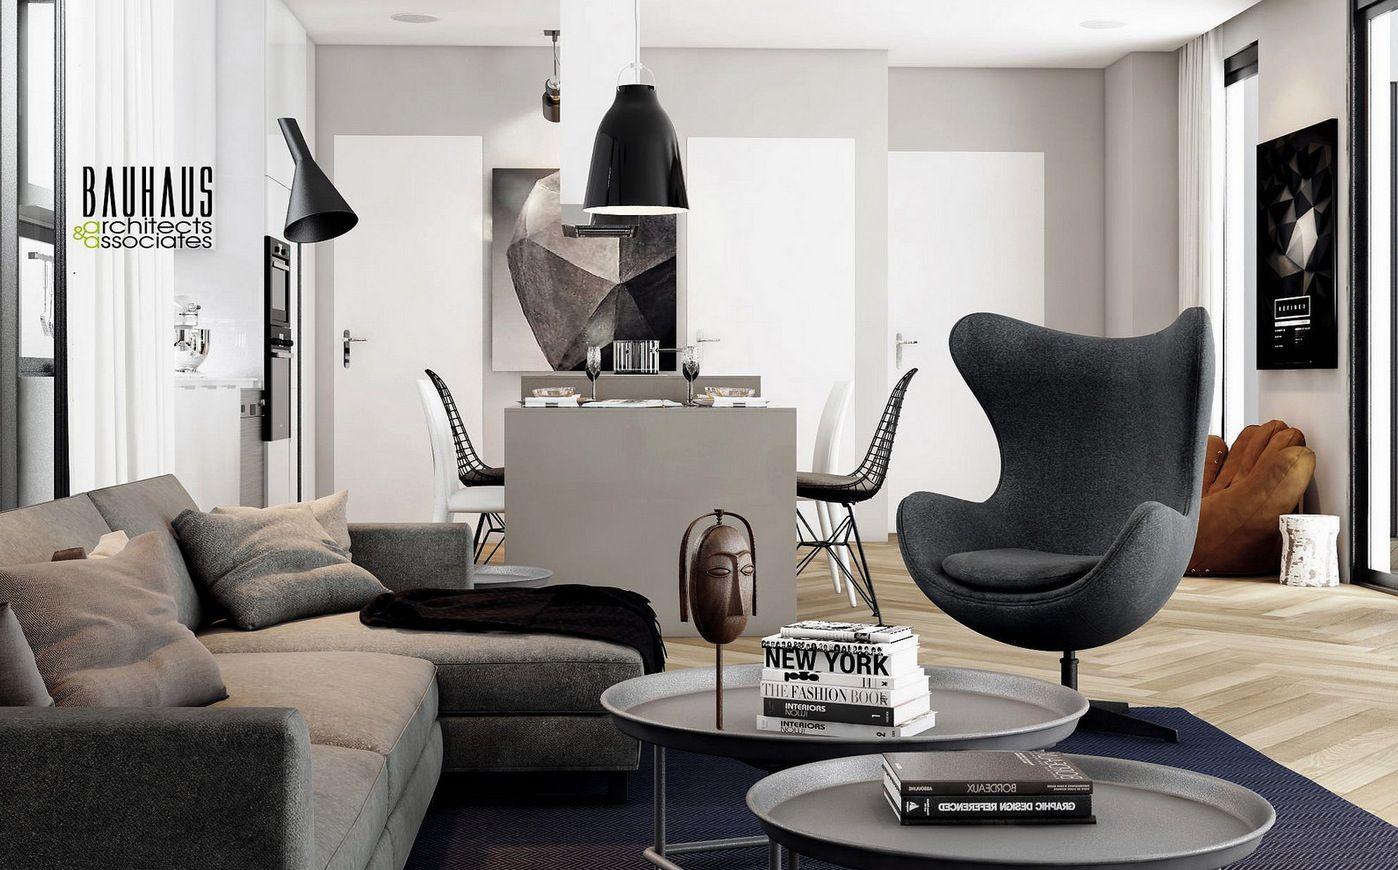 Bauhaus Interiors Bauhaus Interior Design Bedroom The Principles Bauhaus  Bauhaus